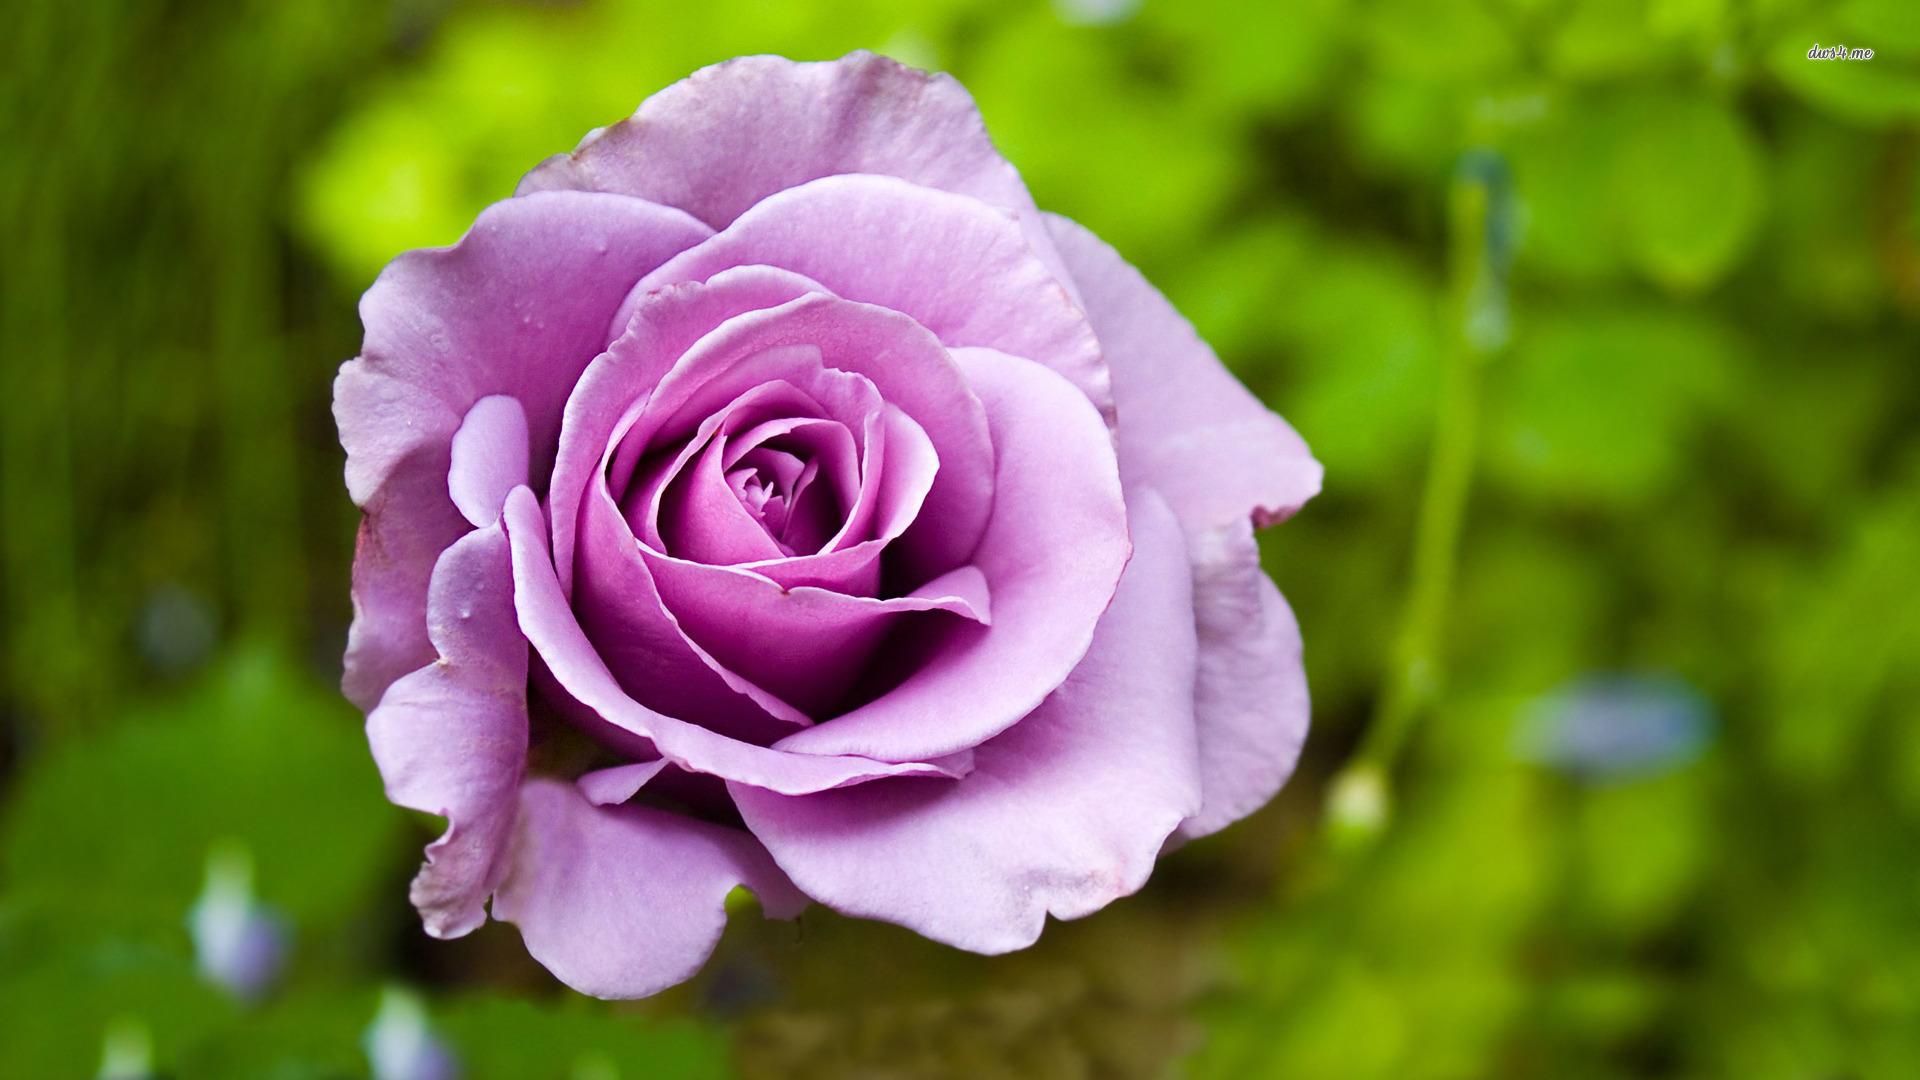 Сиреневые розы картинки, анимации стихи